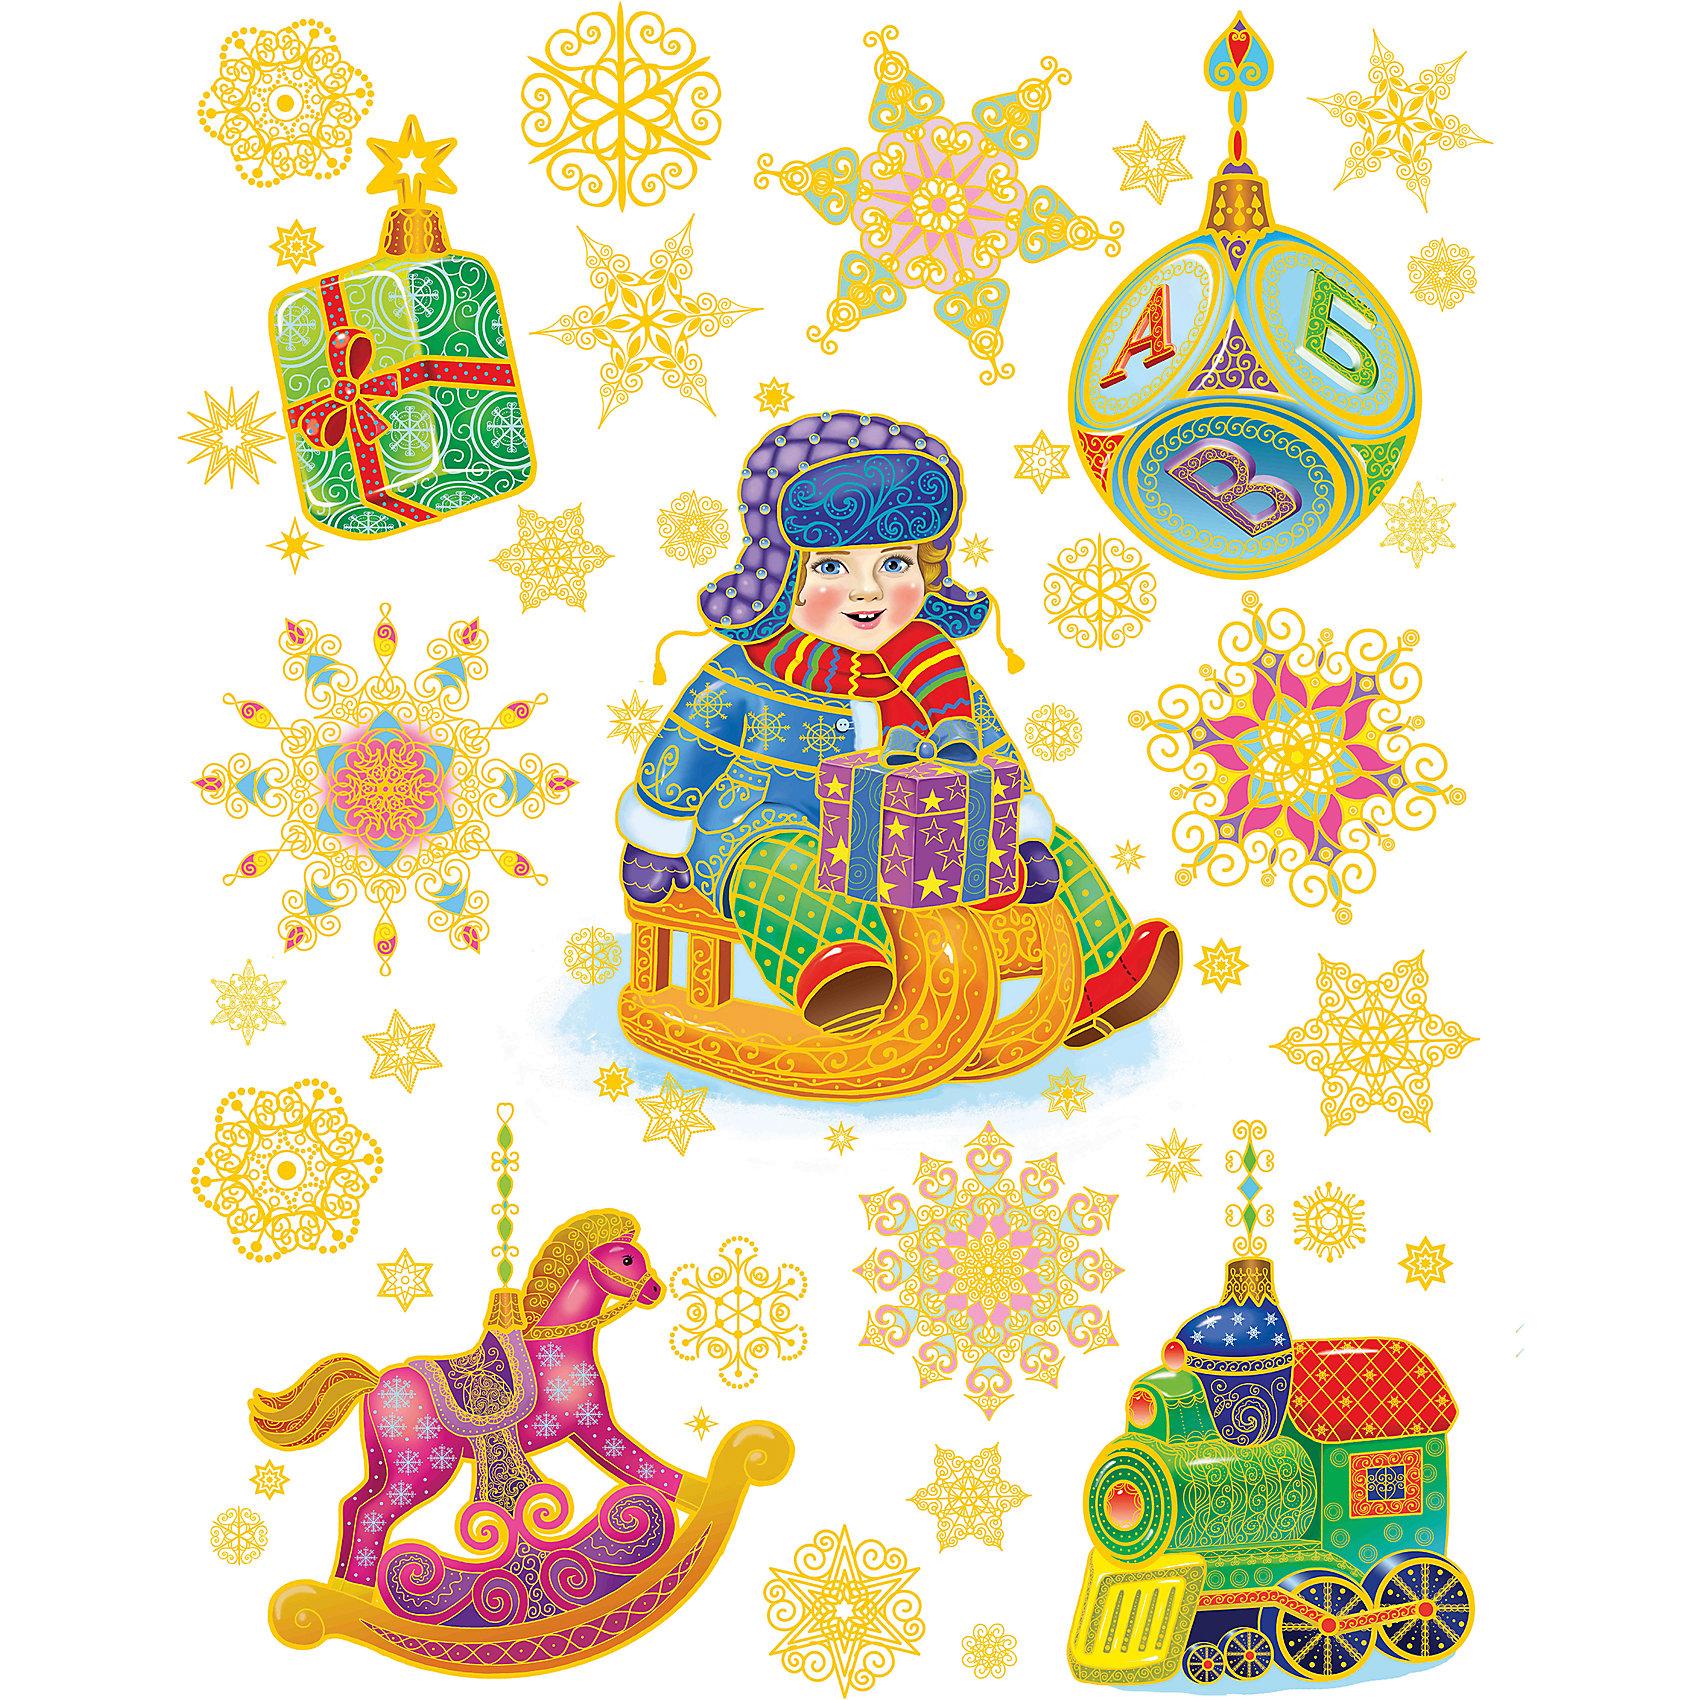 Феникс-Презент Новогоднее оконное украшение  Мальчик на санках и игрушки (30*38 см из ПВХ пленки ) новогоднее оконное украшение феникс презент обезьянки